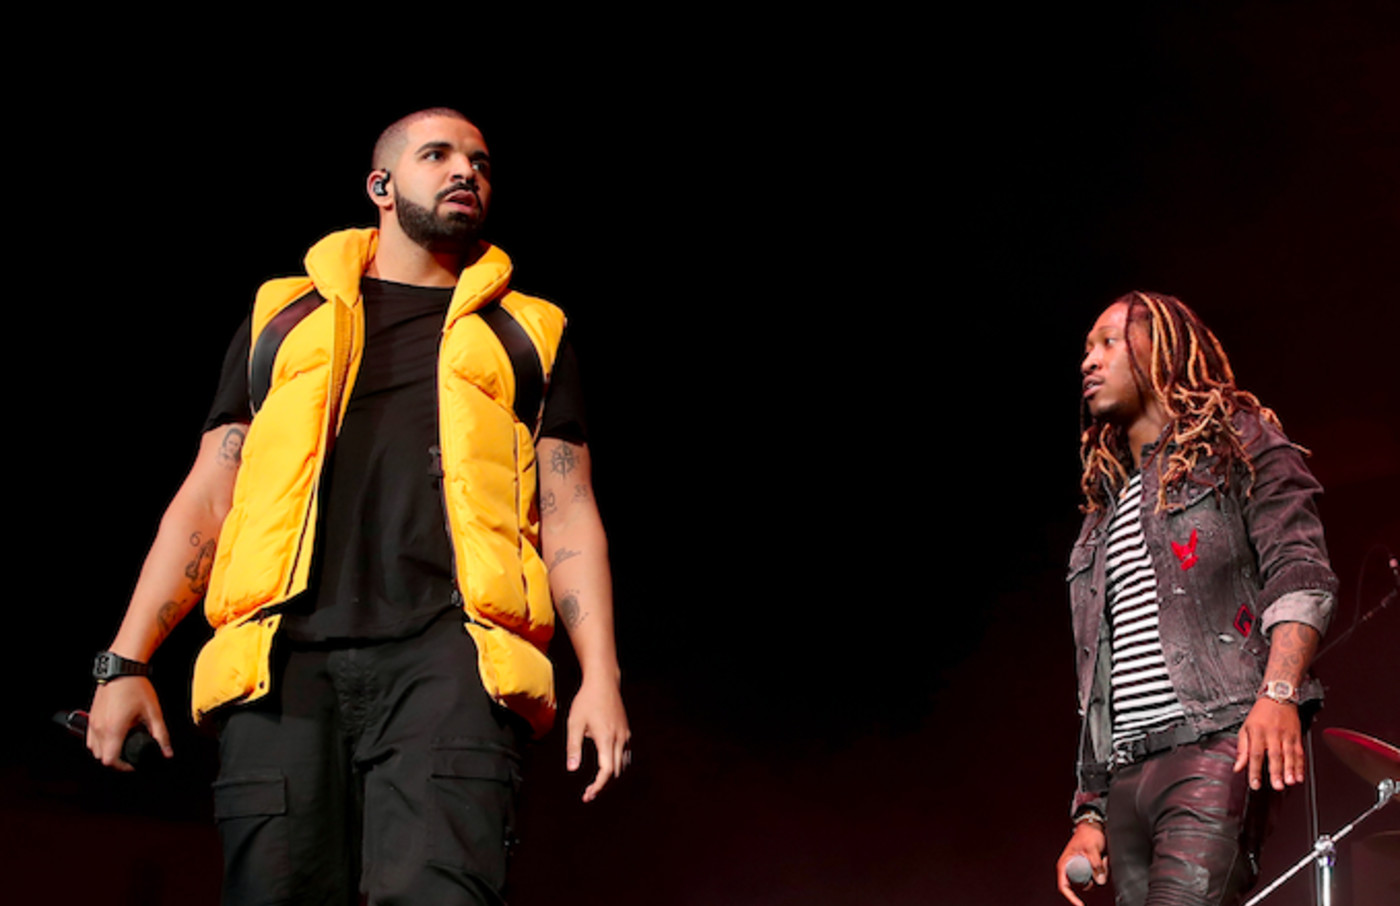 Drake and Future